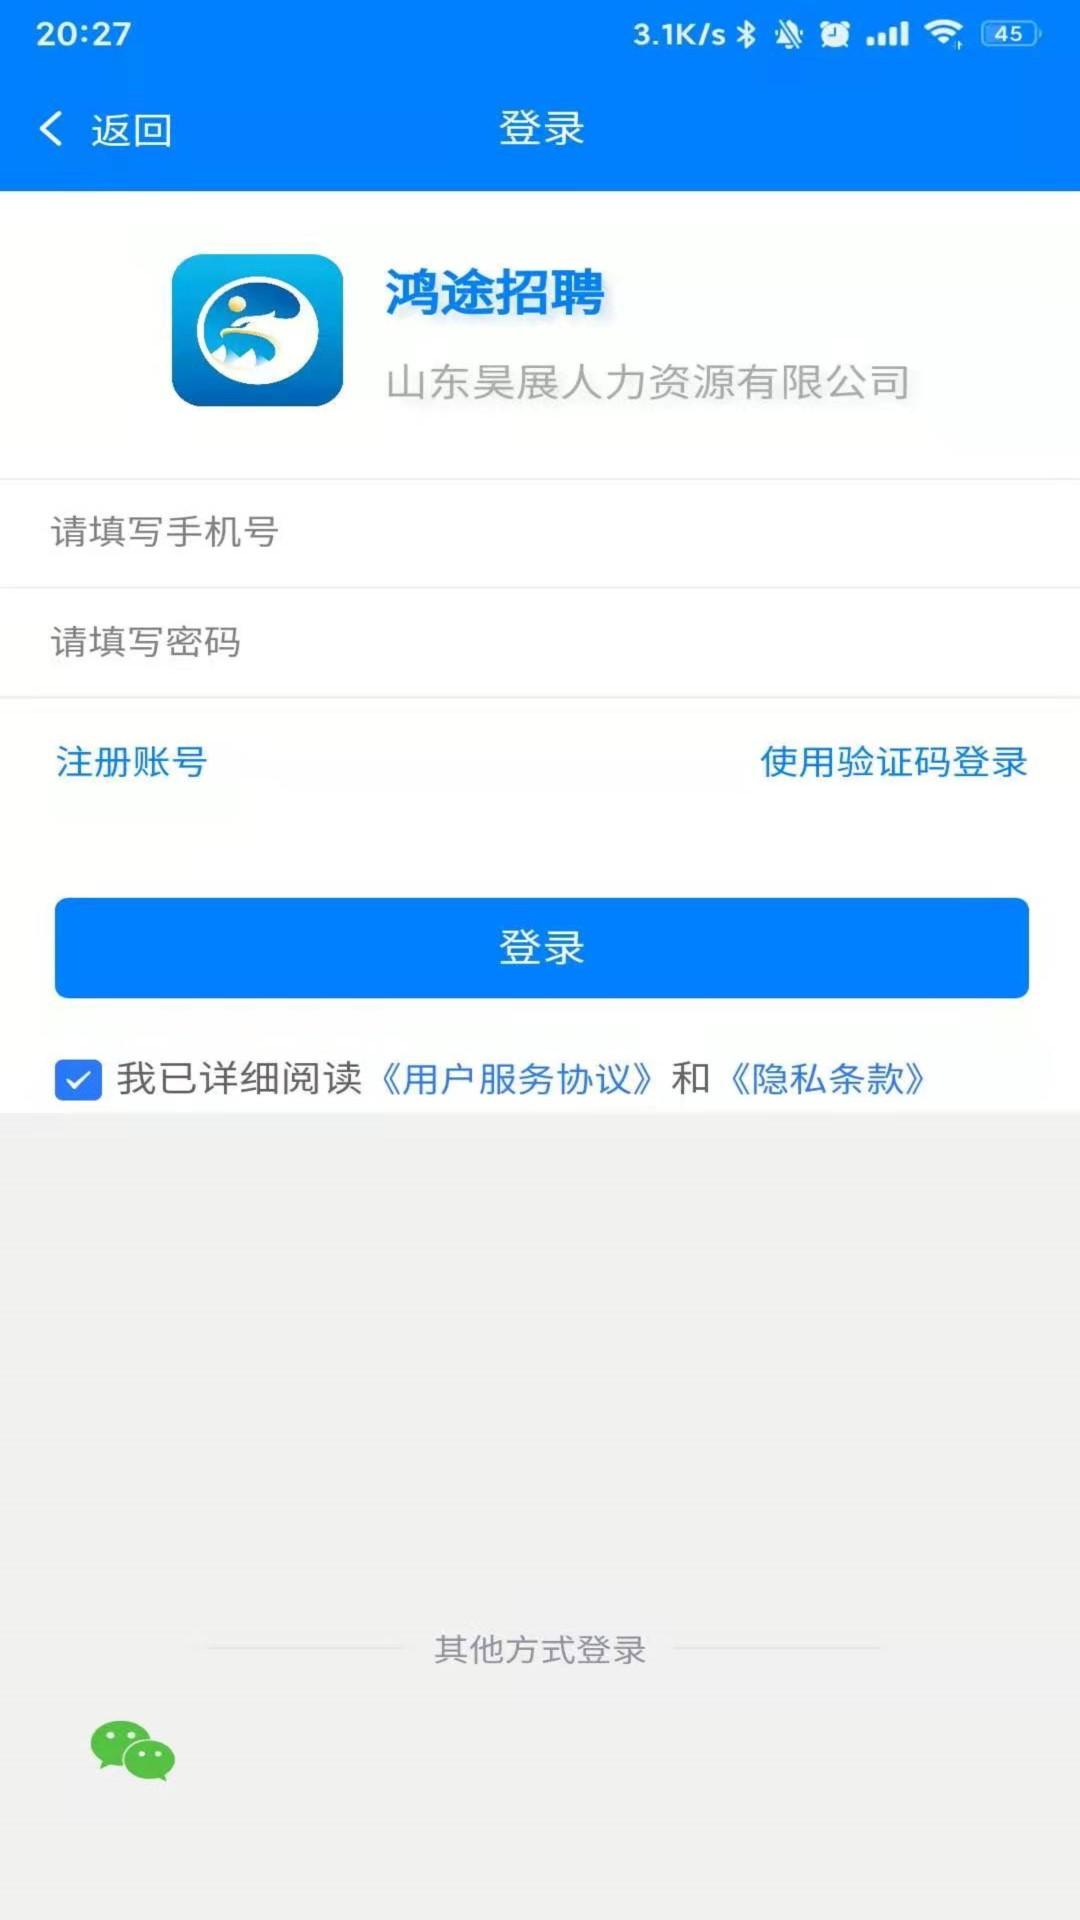 鸿途招聘appv1.0.1